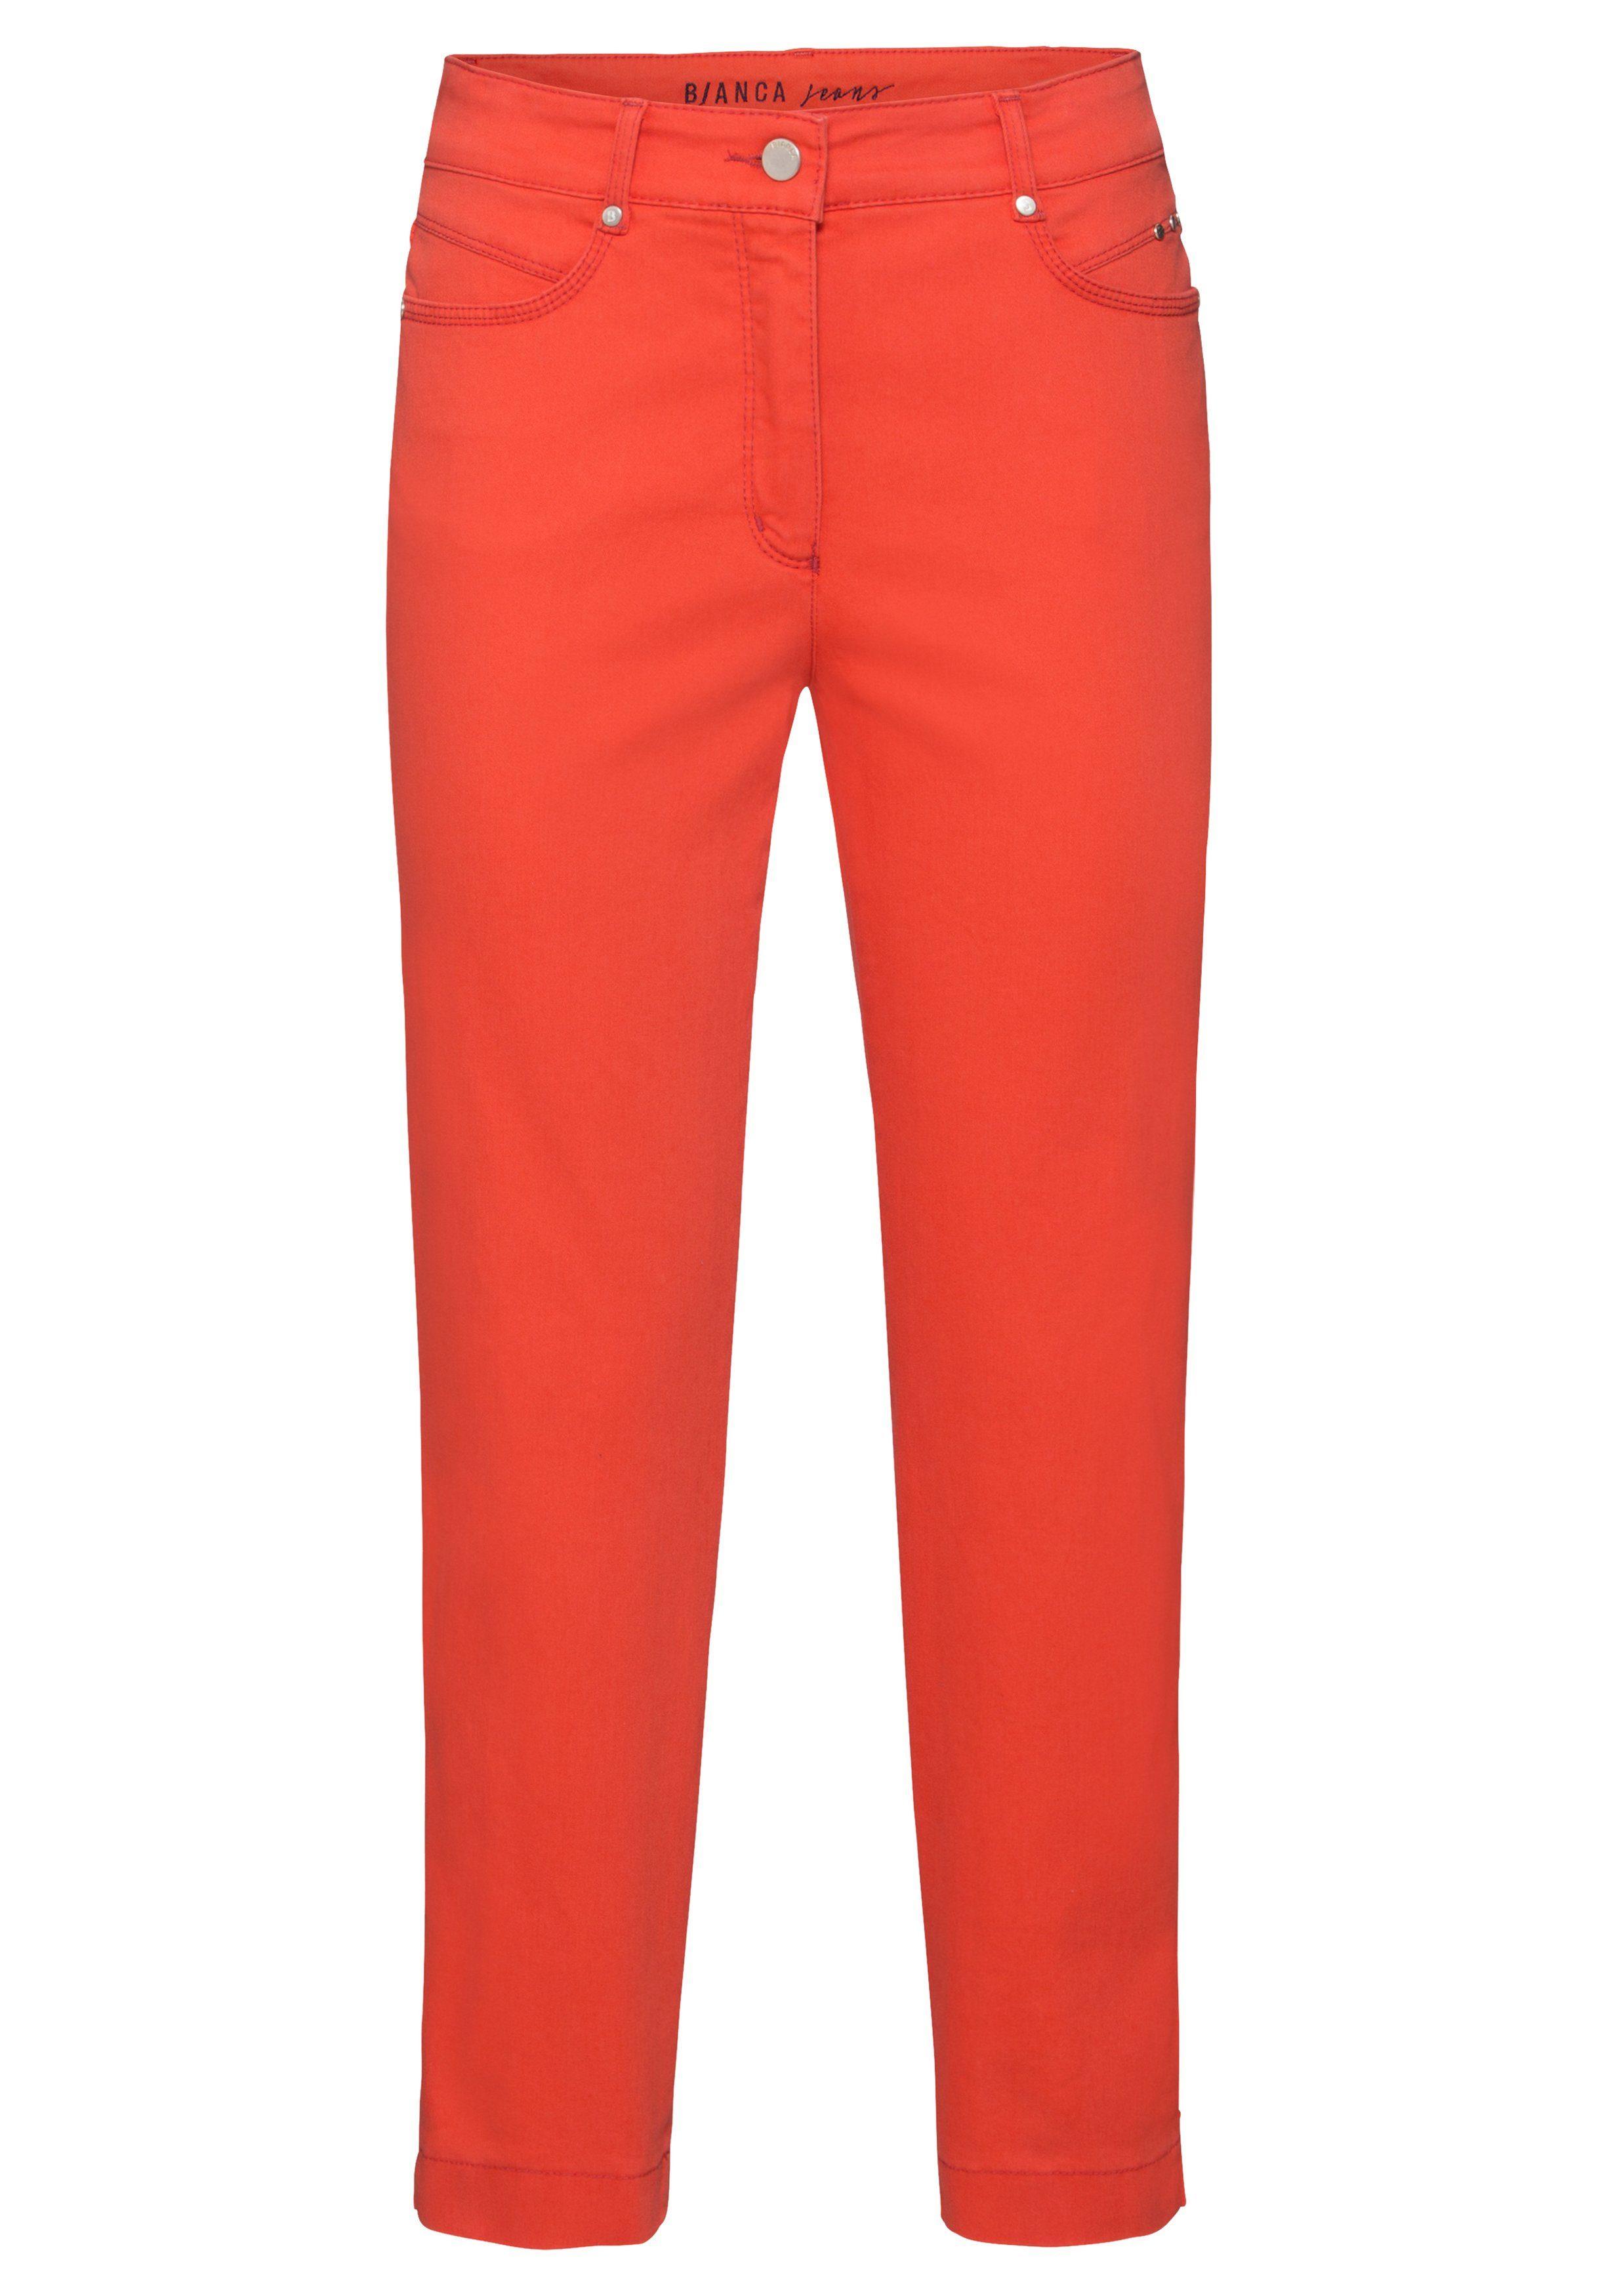 Image of bianca 7/8-Jeans »DENVER«